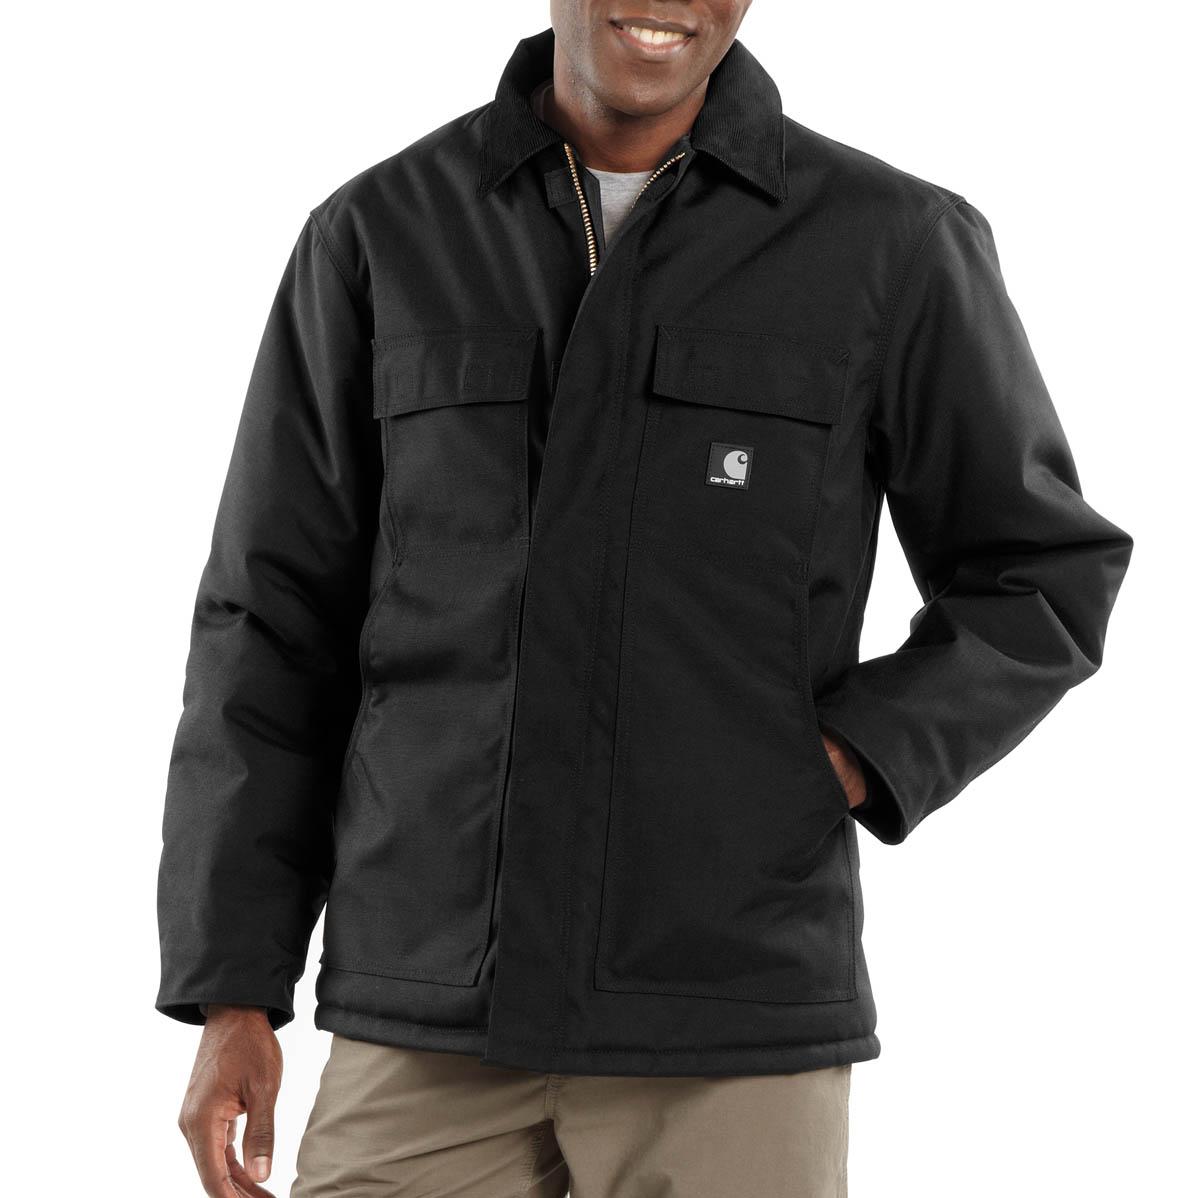 aa3d0ff56 Men's Extremes Coat - Arctic-Quilt Lined